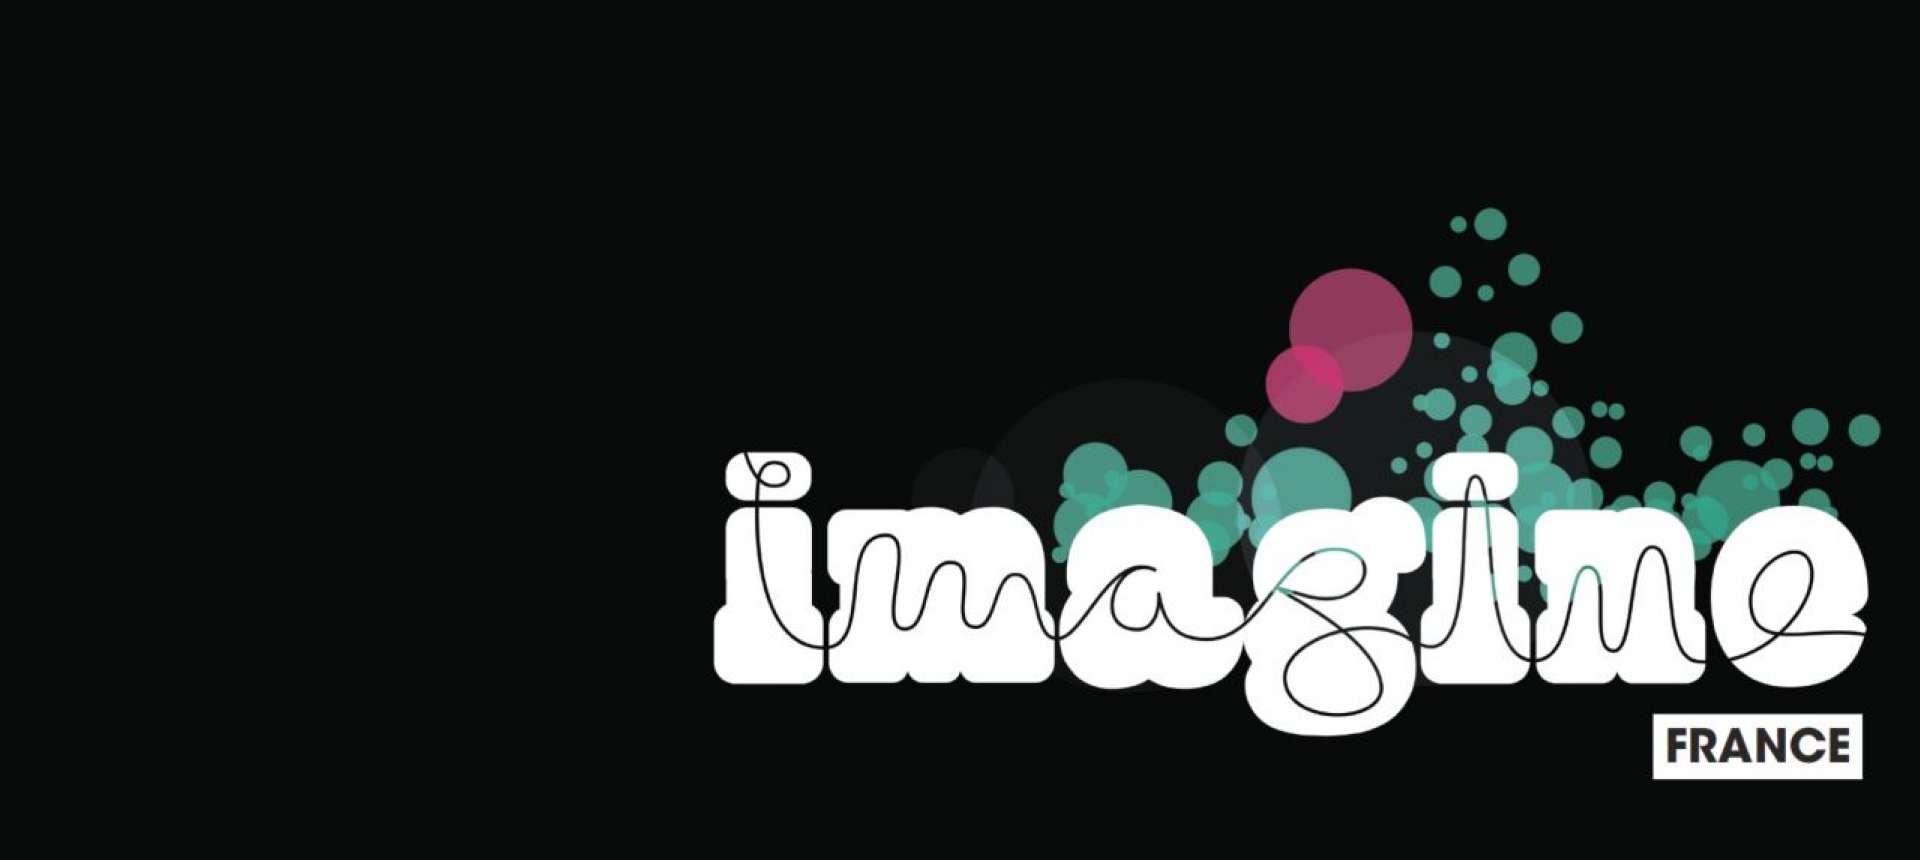 Tremplin Musical Imagine 2019 en Bourgogne Franche-Comté